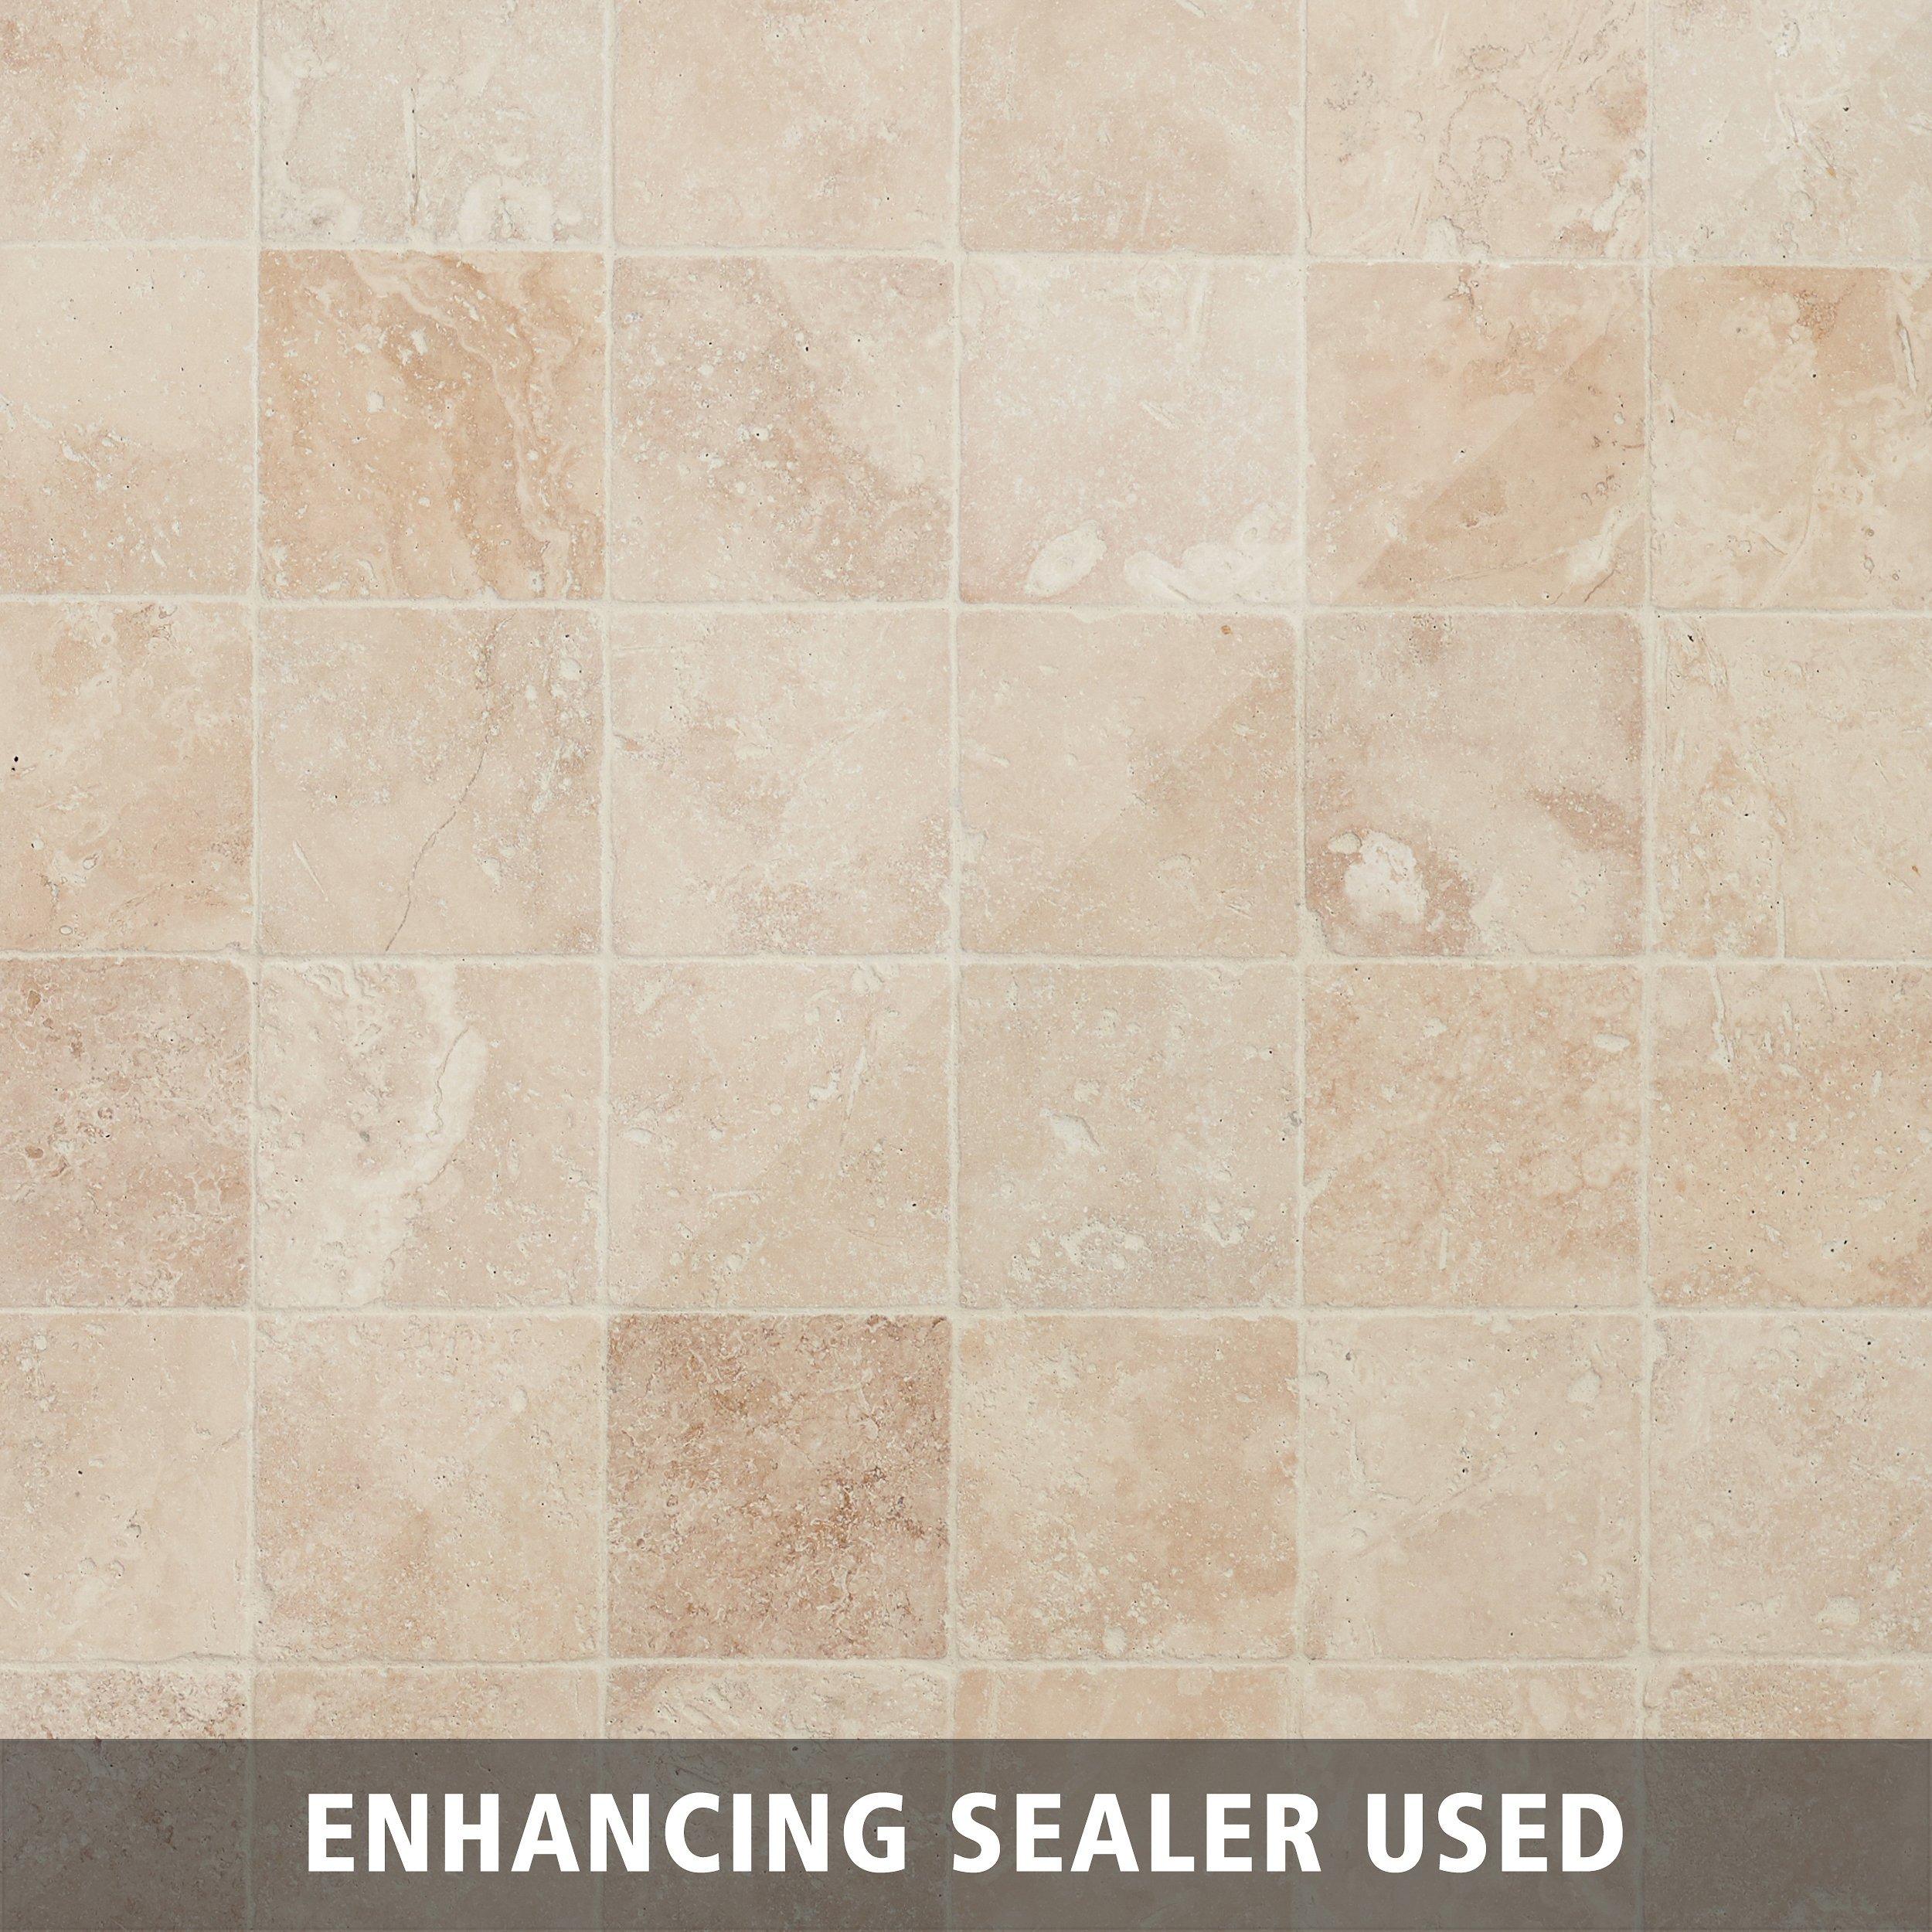 Crema Antiqua Tumbled Travertine Tile 4 X 4 932100540 Floor